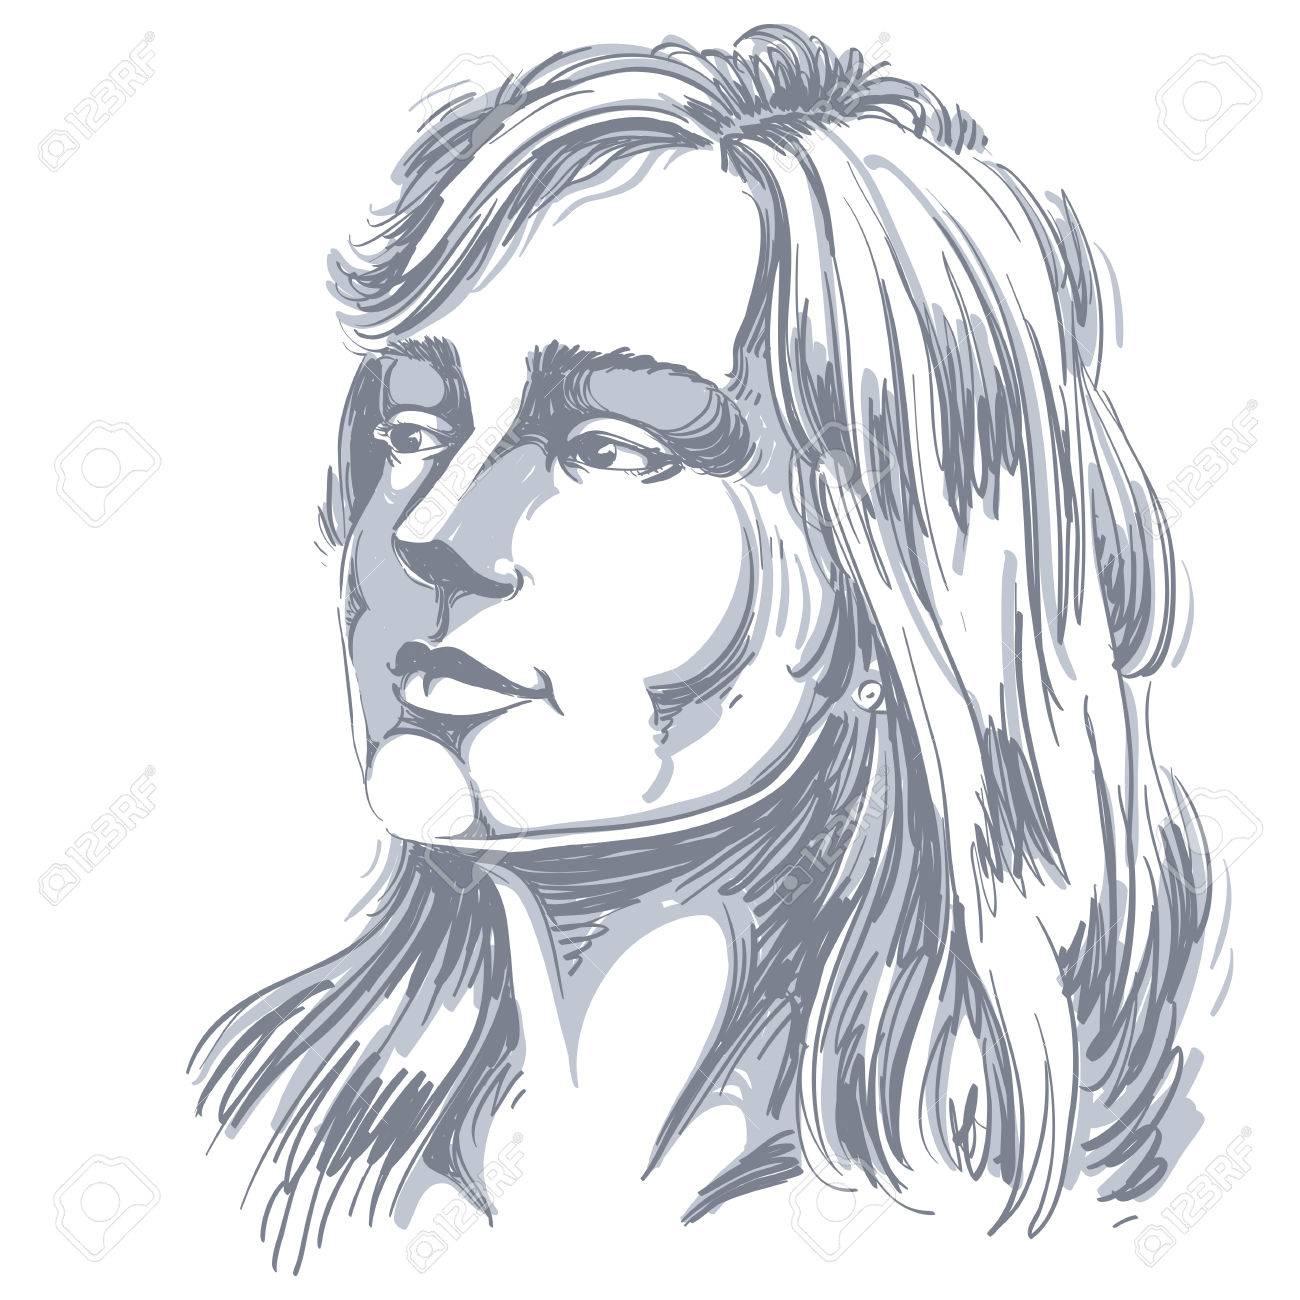 何か かっこいい女性のイラストを考えて魅力的な物思いにふける女性のベクトルの肖像 人の感情的な表情 のイラスト素材 ベクタ Image